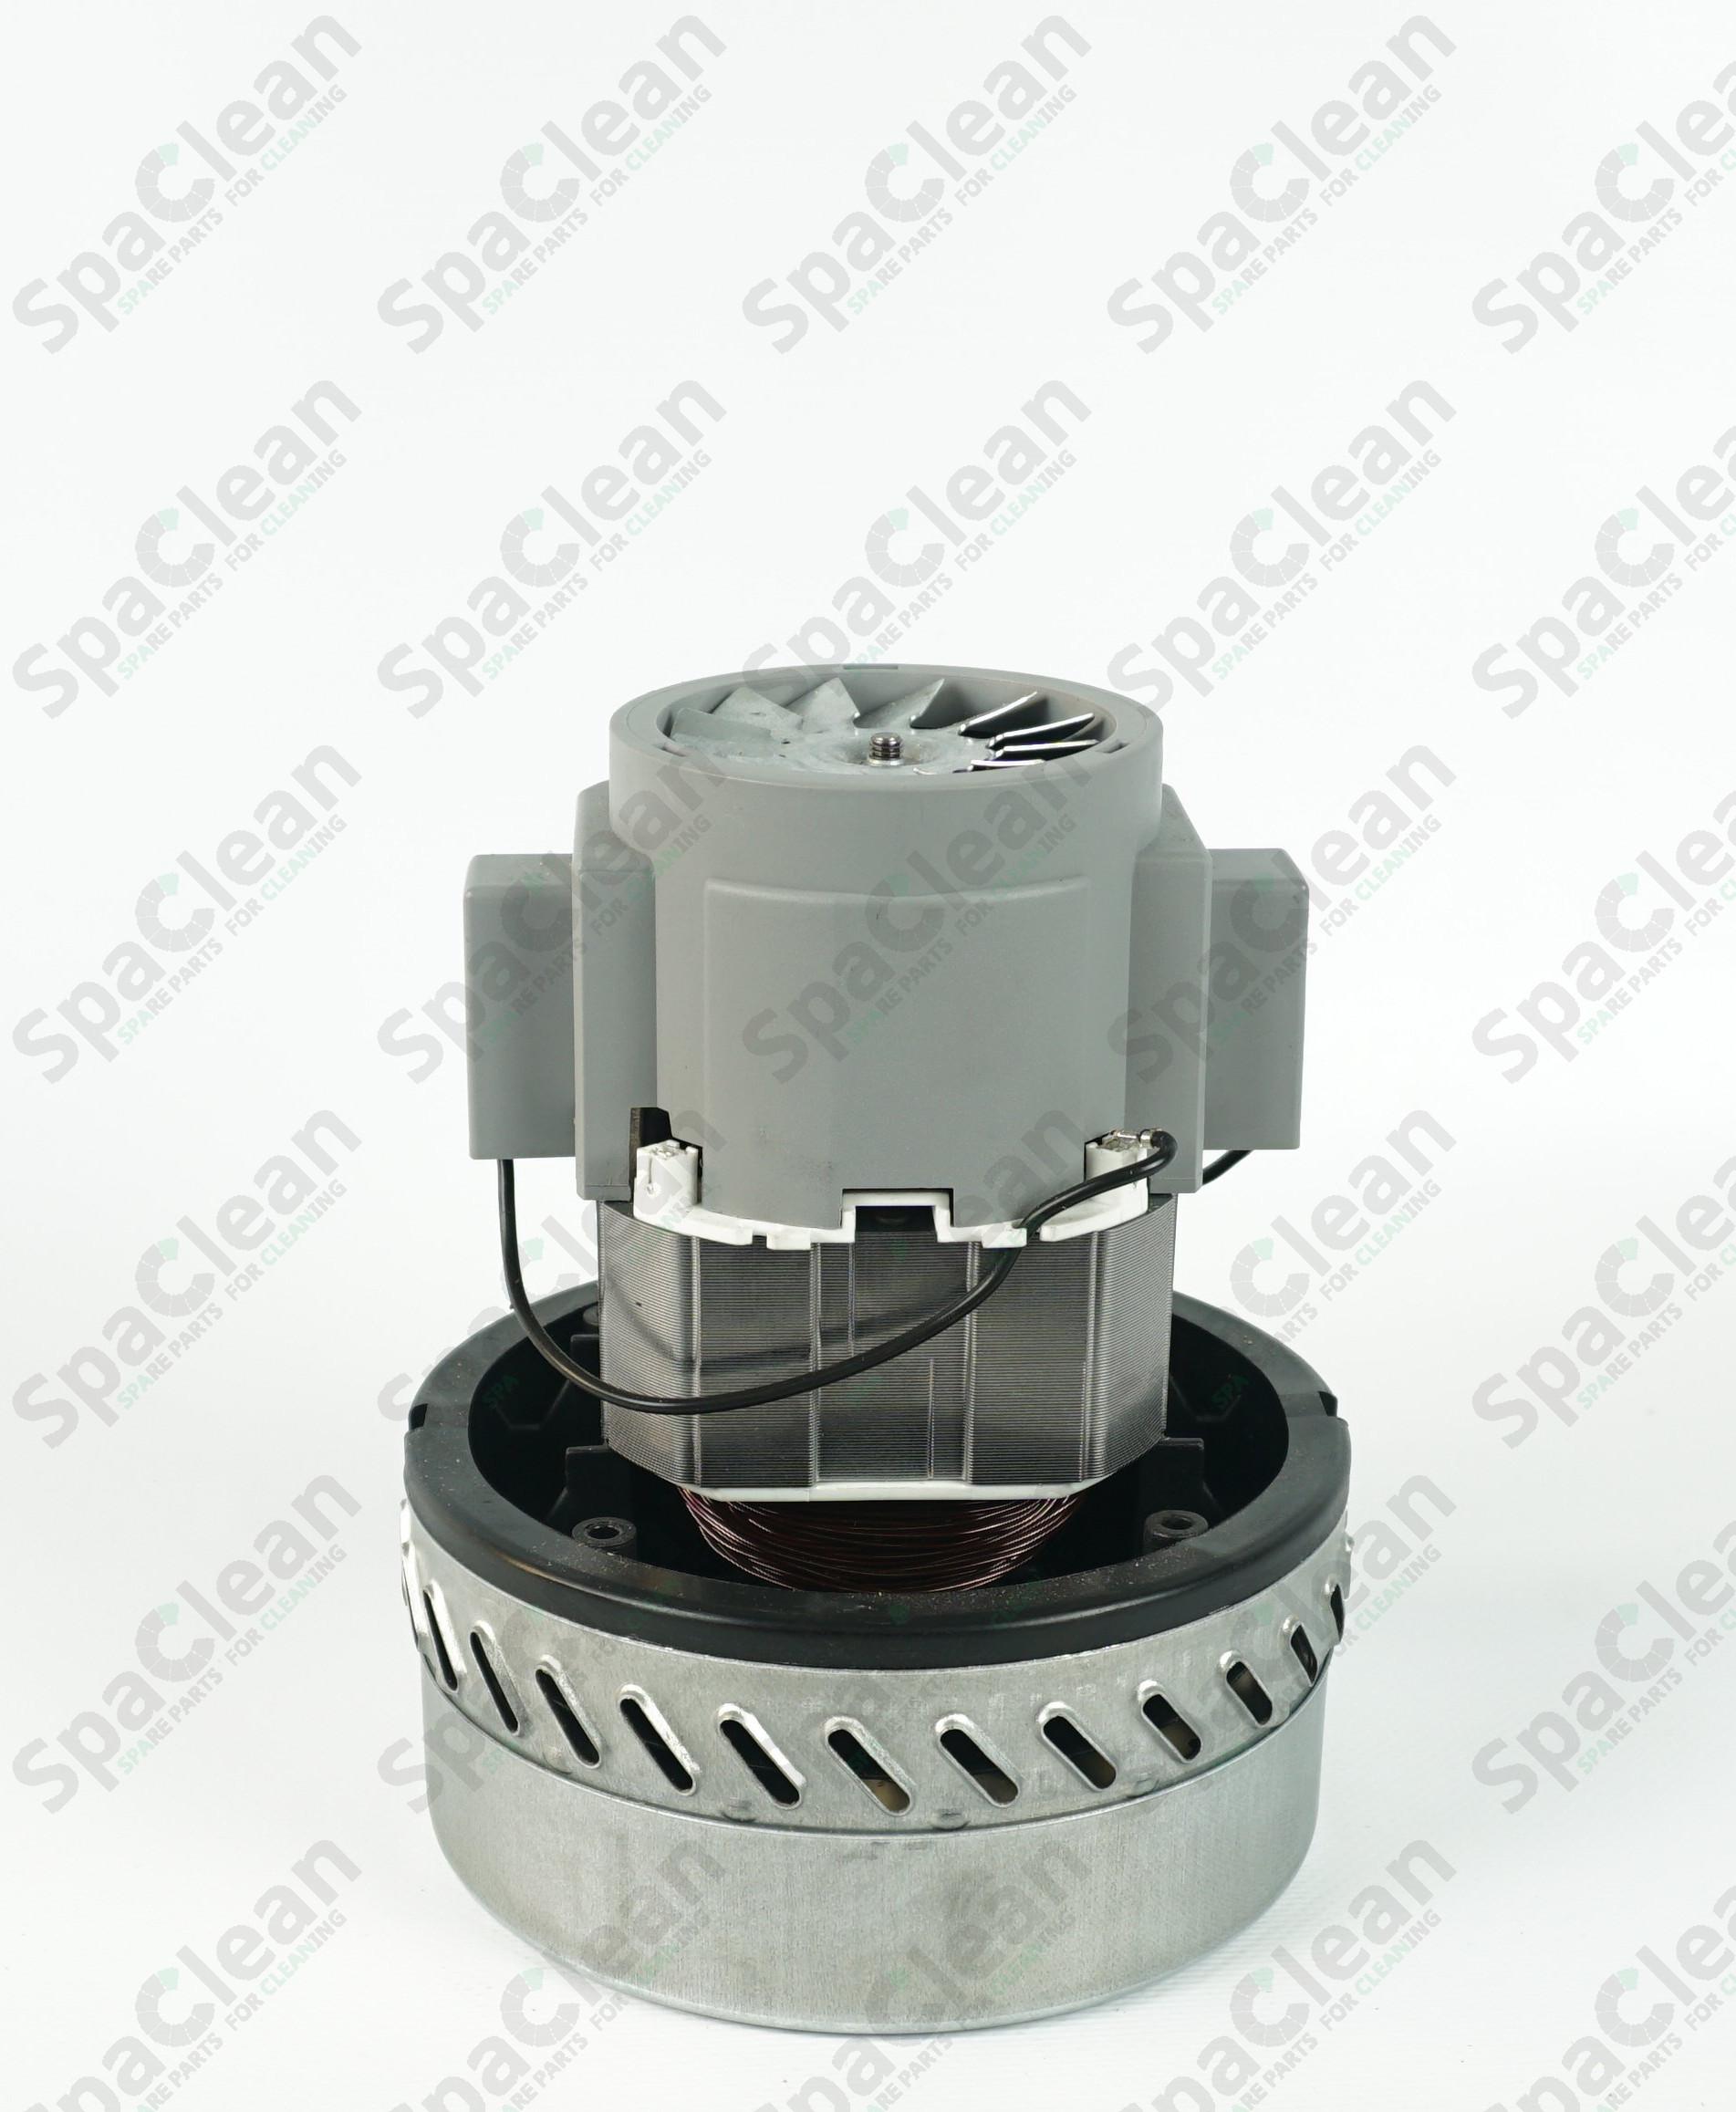 Вакуумный мотор Ametek 230V 1200W Двухстадийный для Wetrok Duovac 18